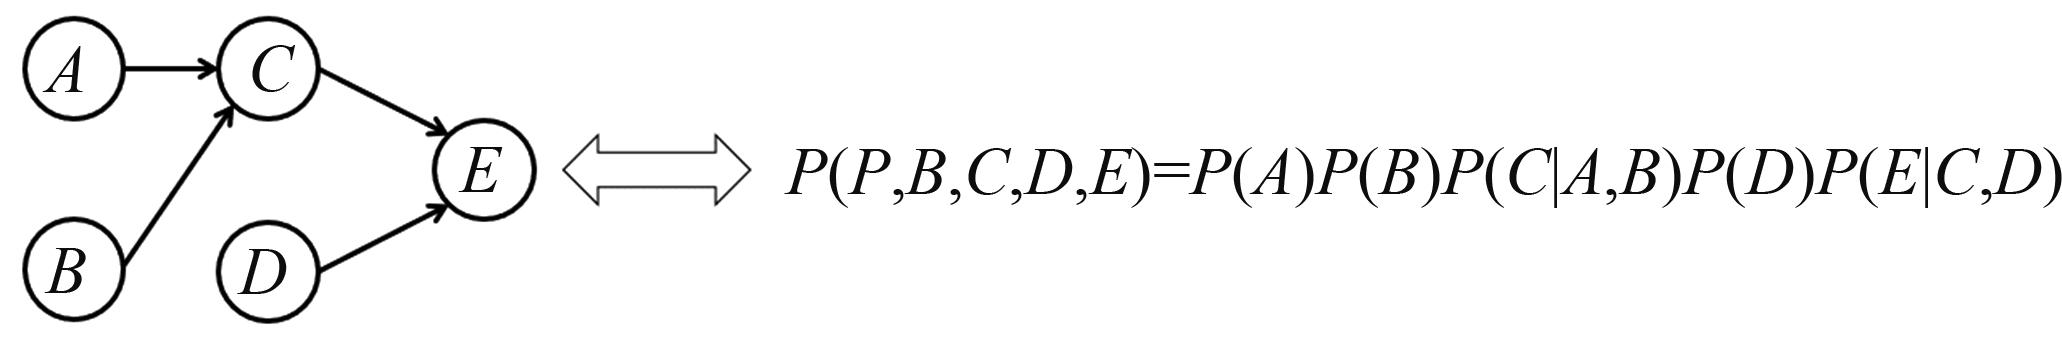 模式识别中的图结构描述方法综述